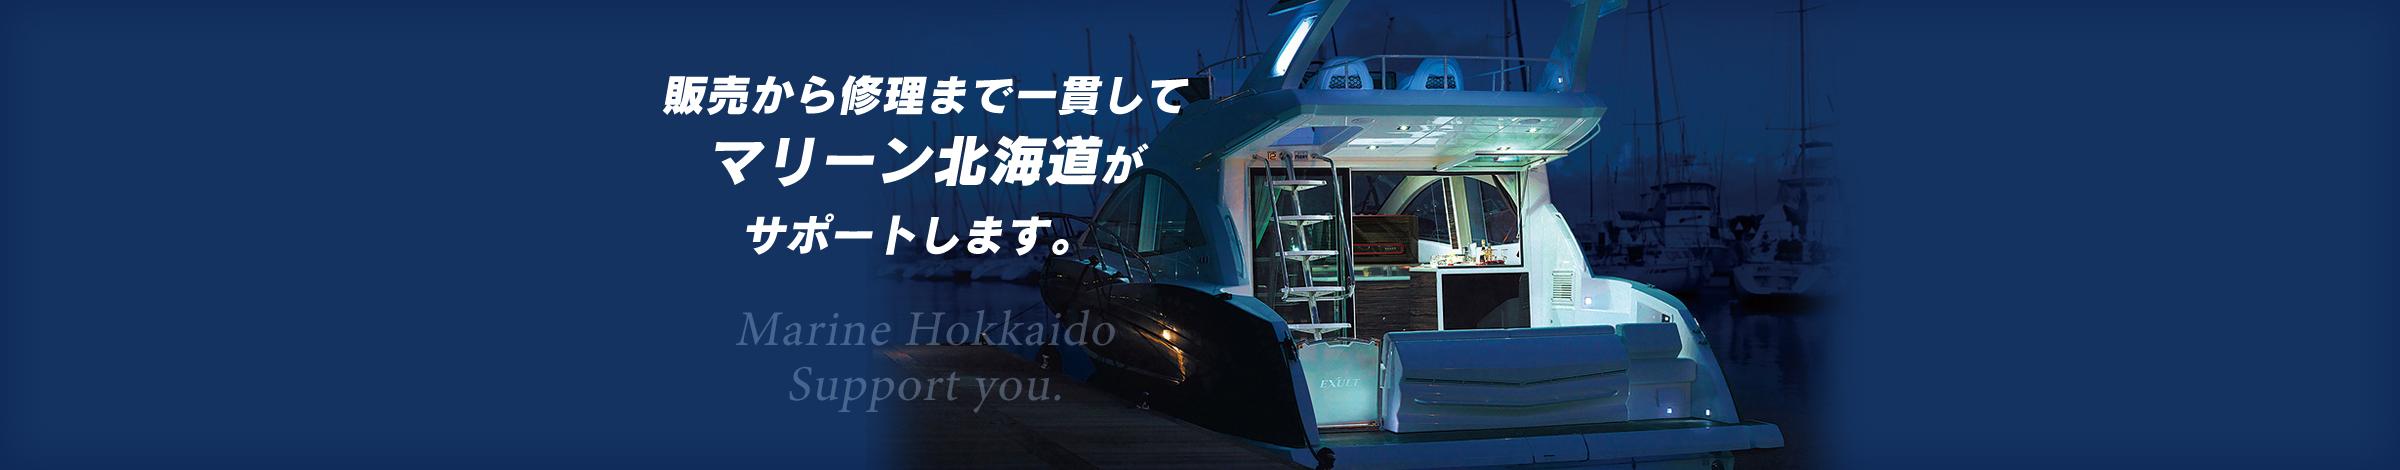 販売から修理まで一貫してマリーン北海道がサポートします